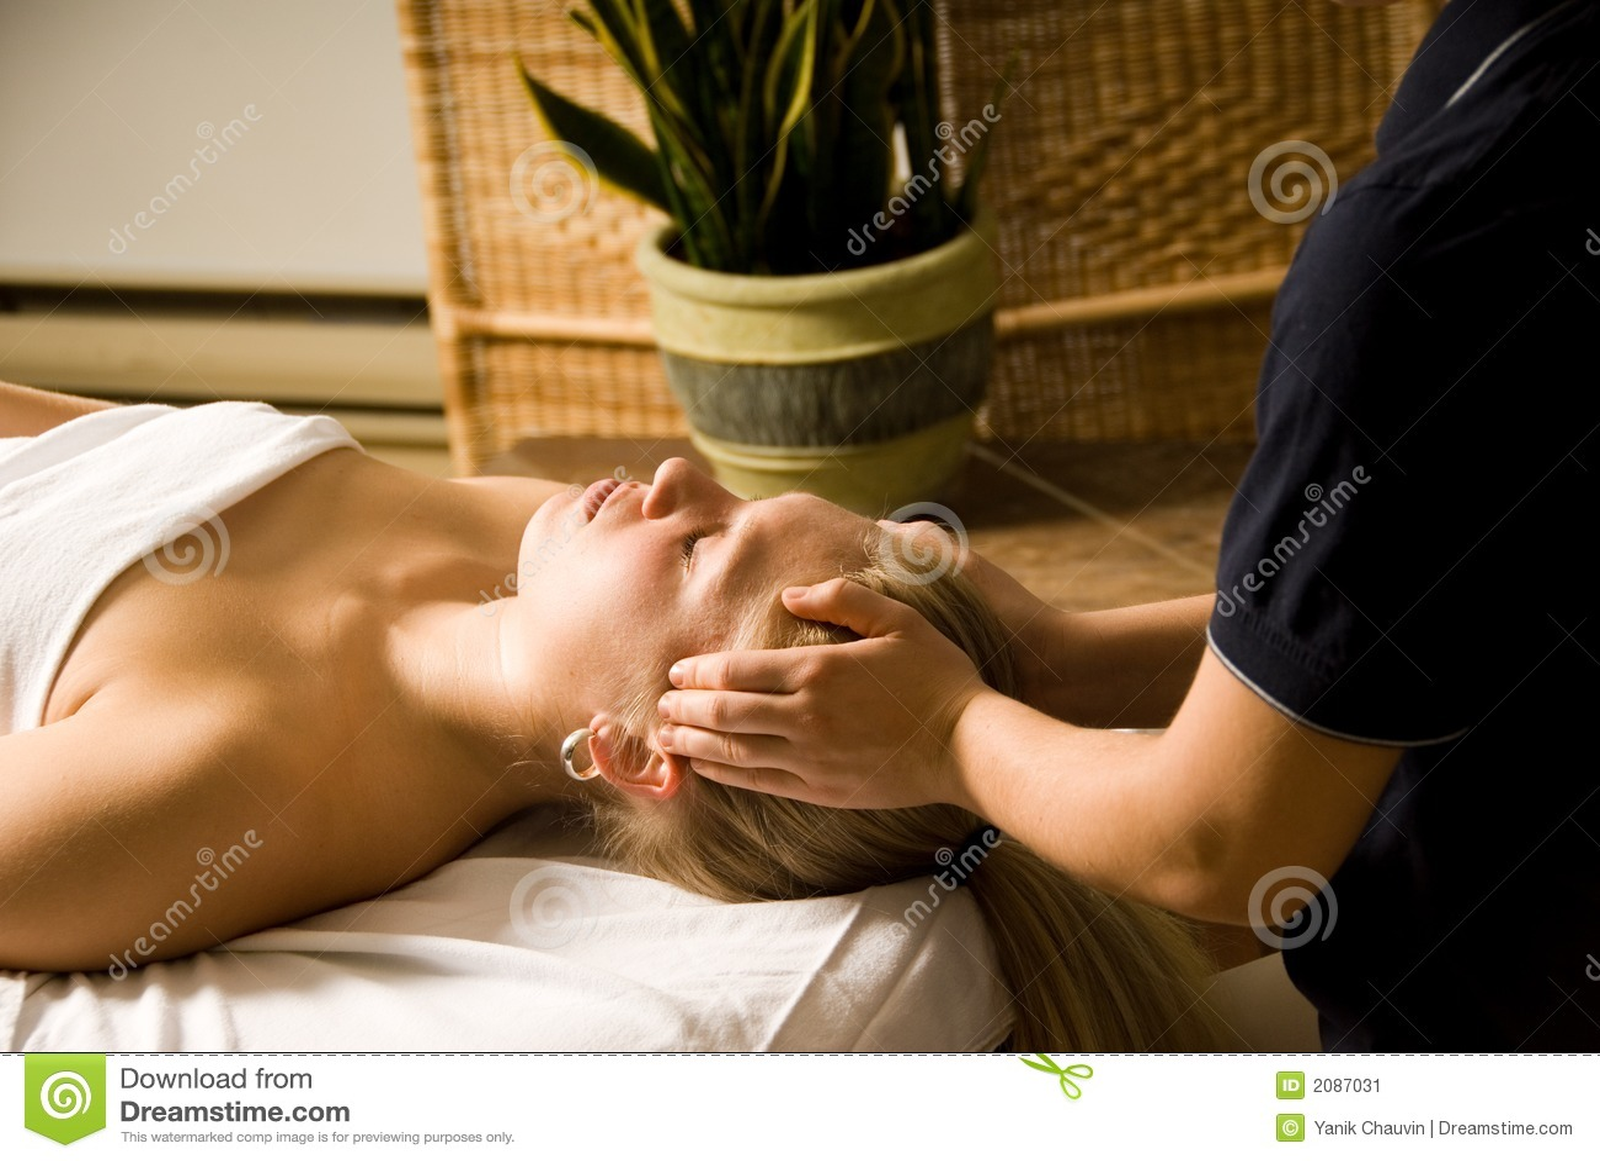 Hauptmassage